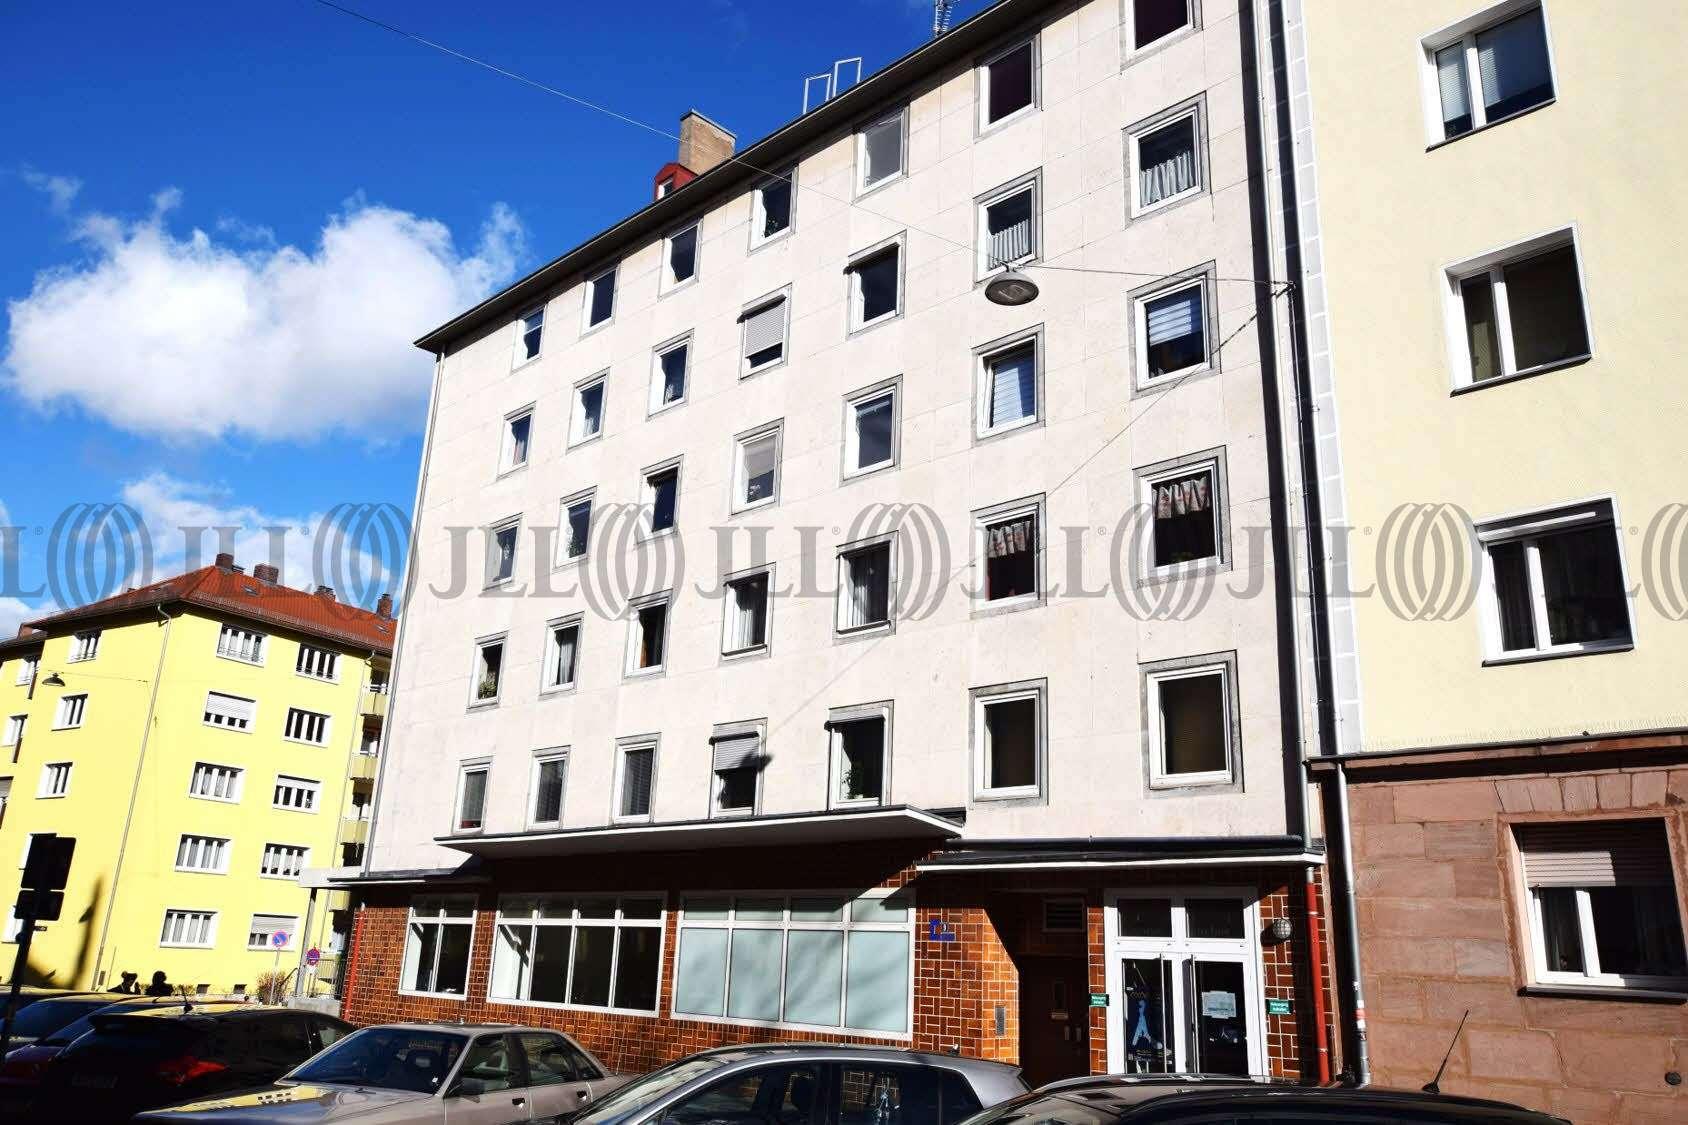 Ladenflächen Nürnberg, 90461 - Ladenfläche - Nürnberg, Gleißhammer - E0926 - 10034604